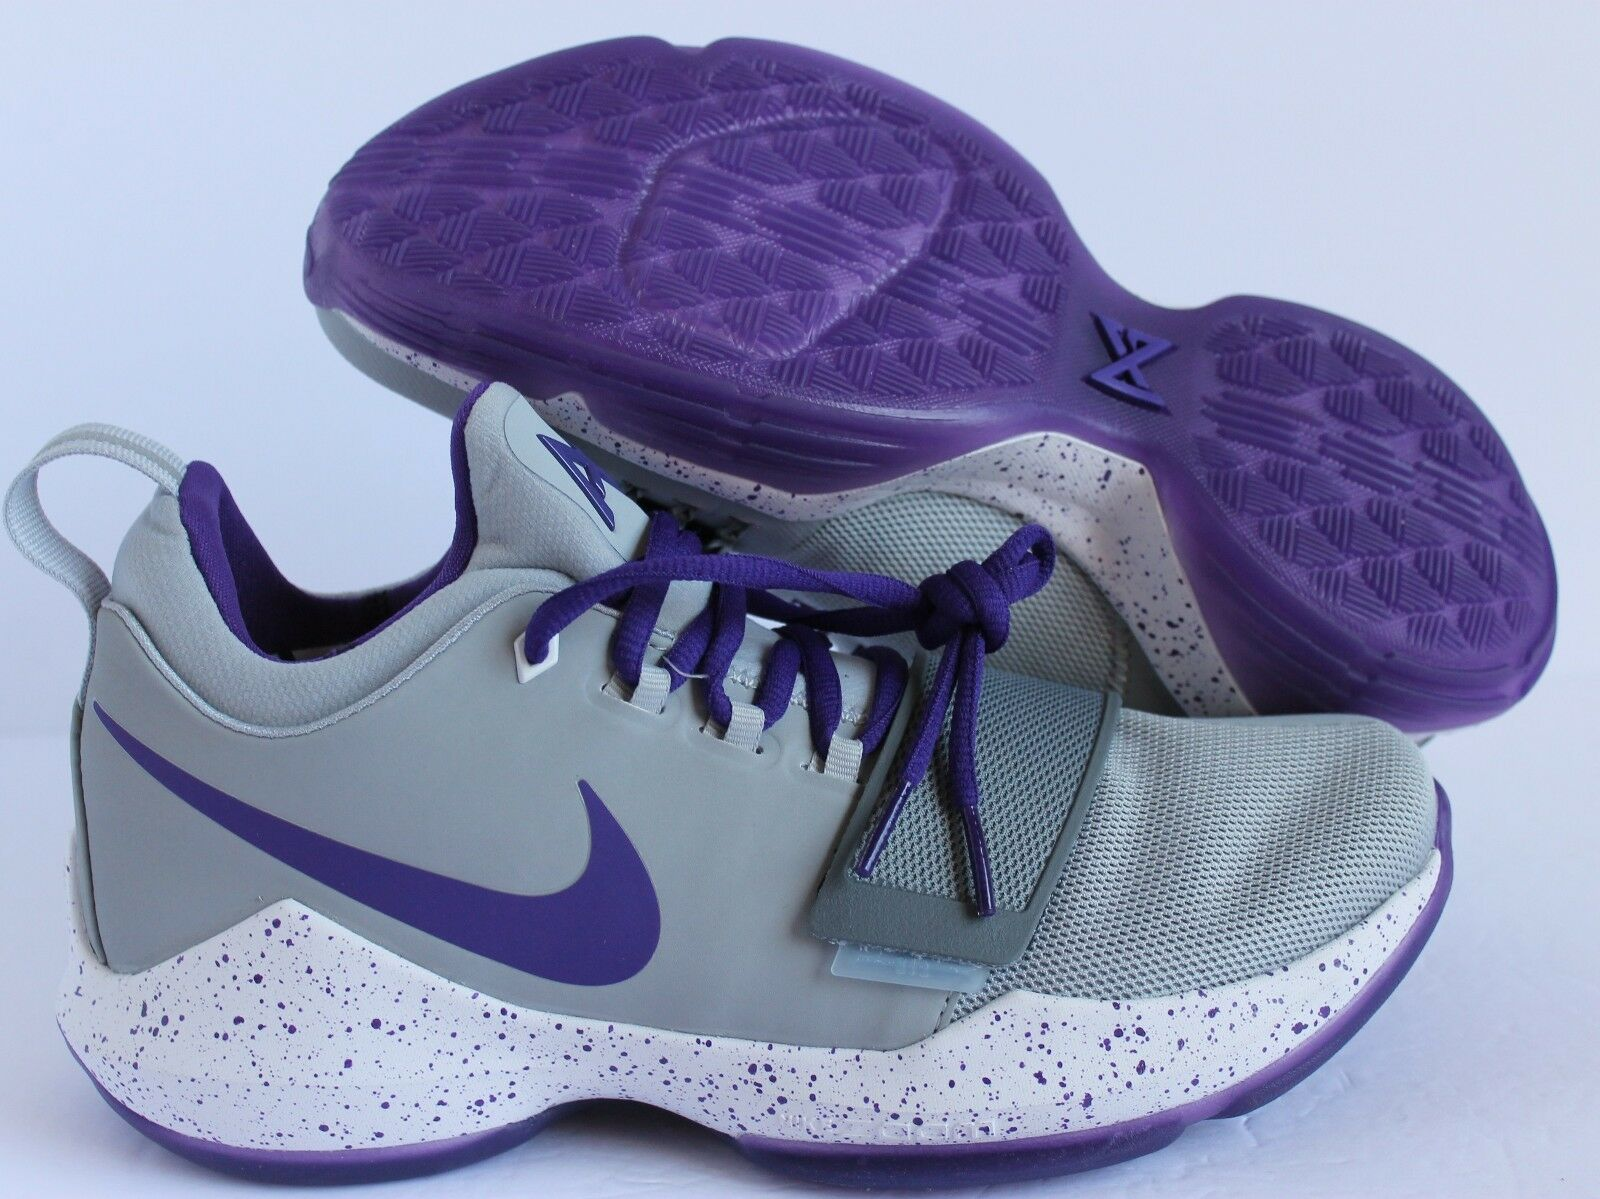 Nike PG 1 Paul George id Gris Morado Blanco Blanco Blanco reducción de precio 4d0613